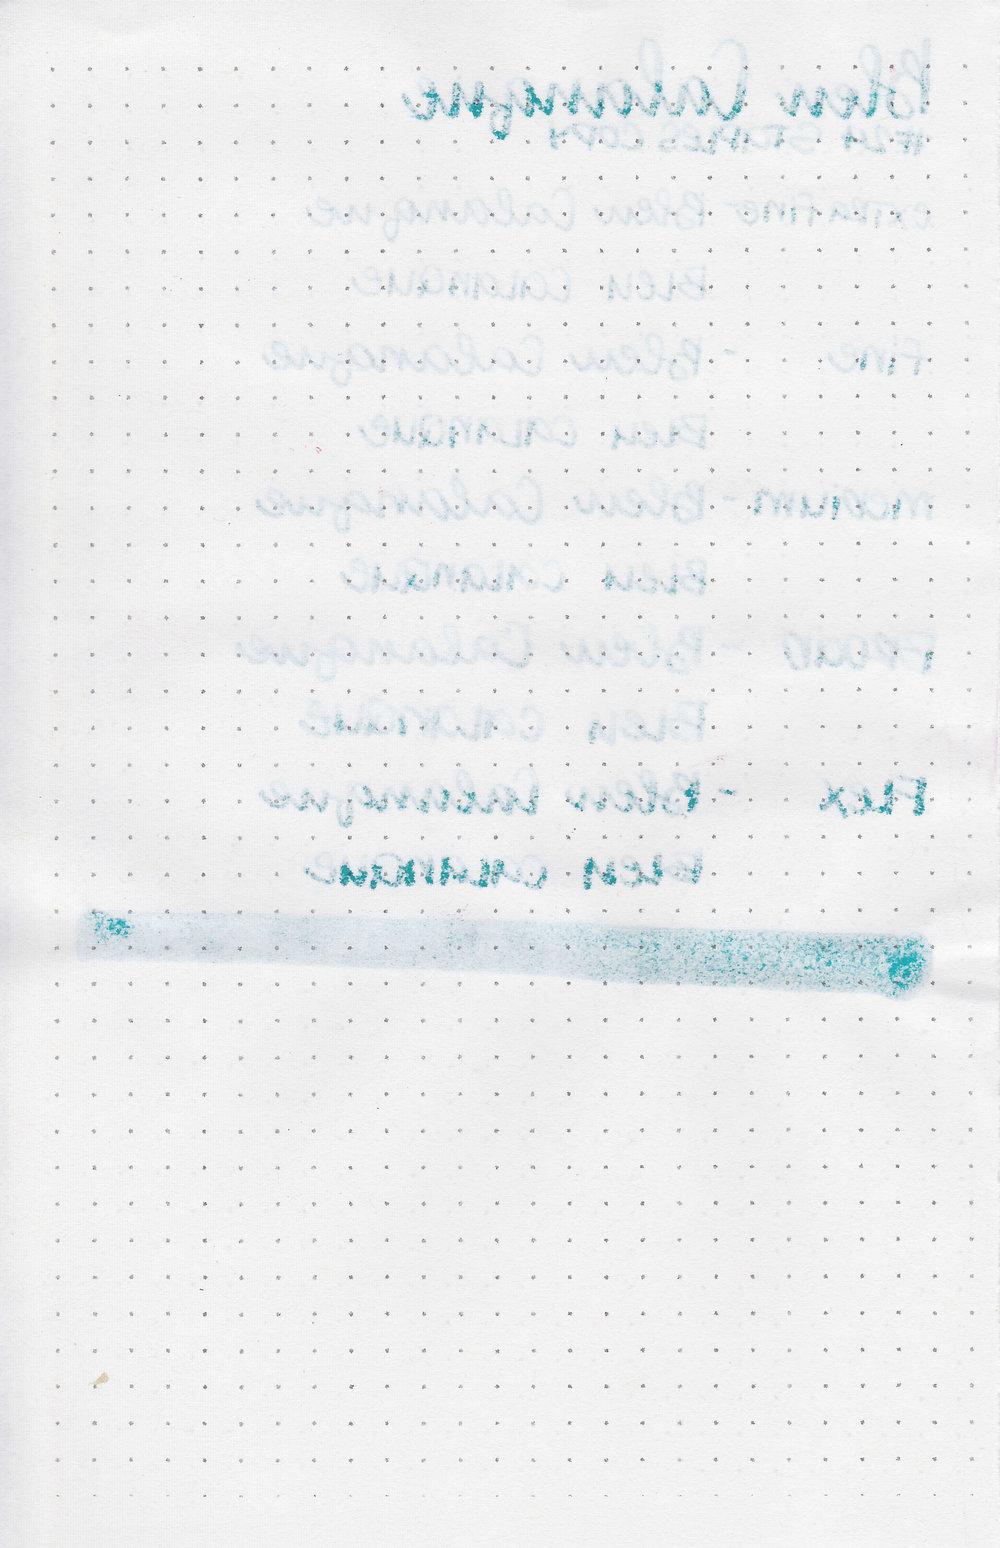 jh-bleu-calanque-12.jpg